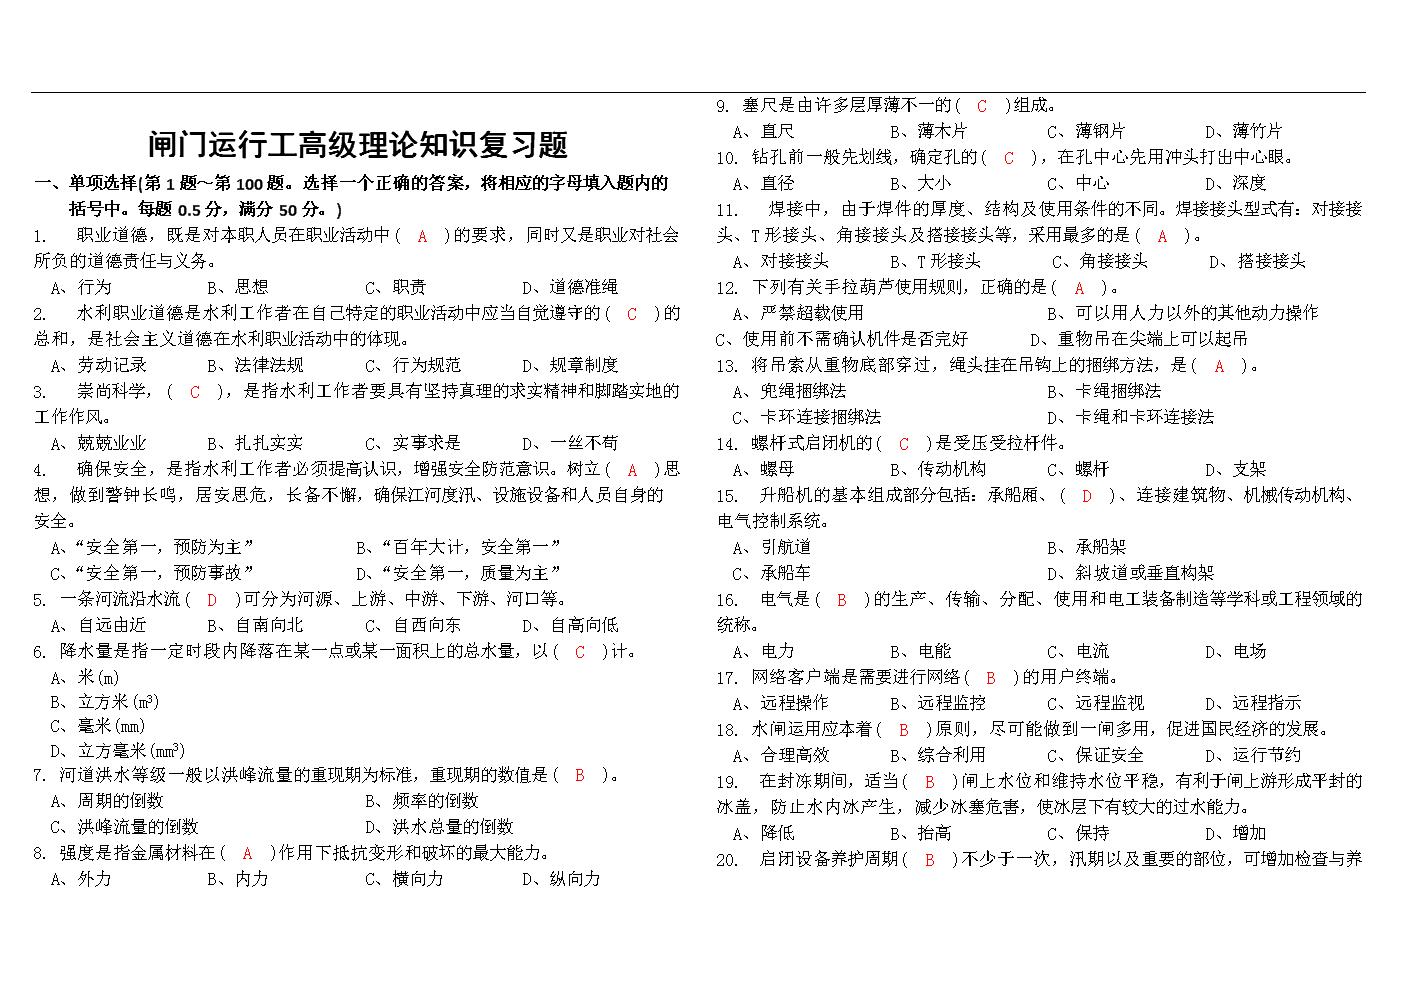 闸门运行工高级理论知识复习题第一套.doc